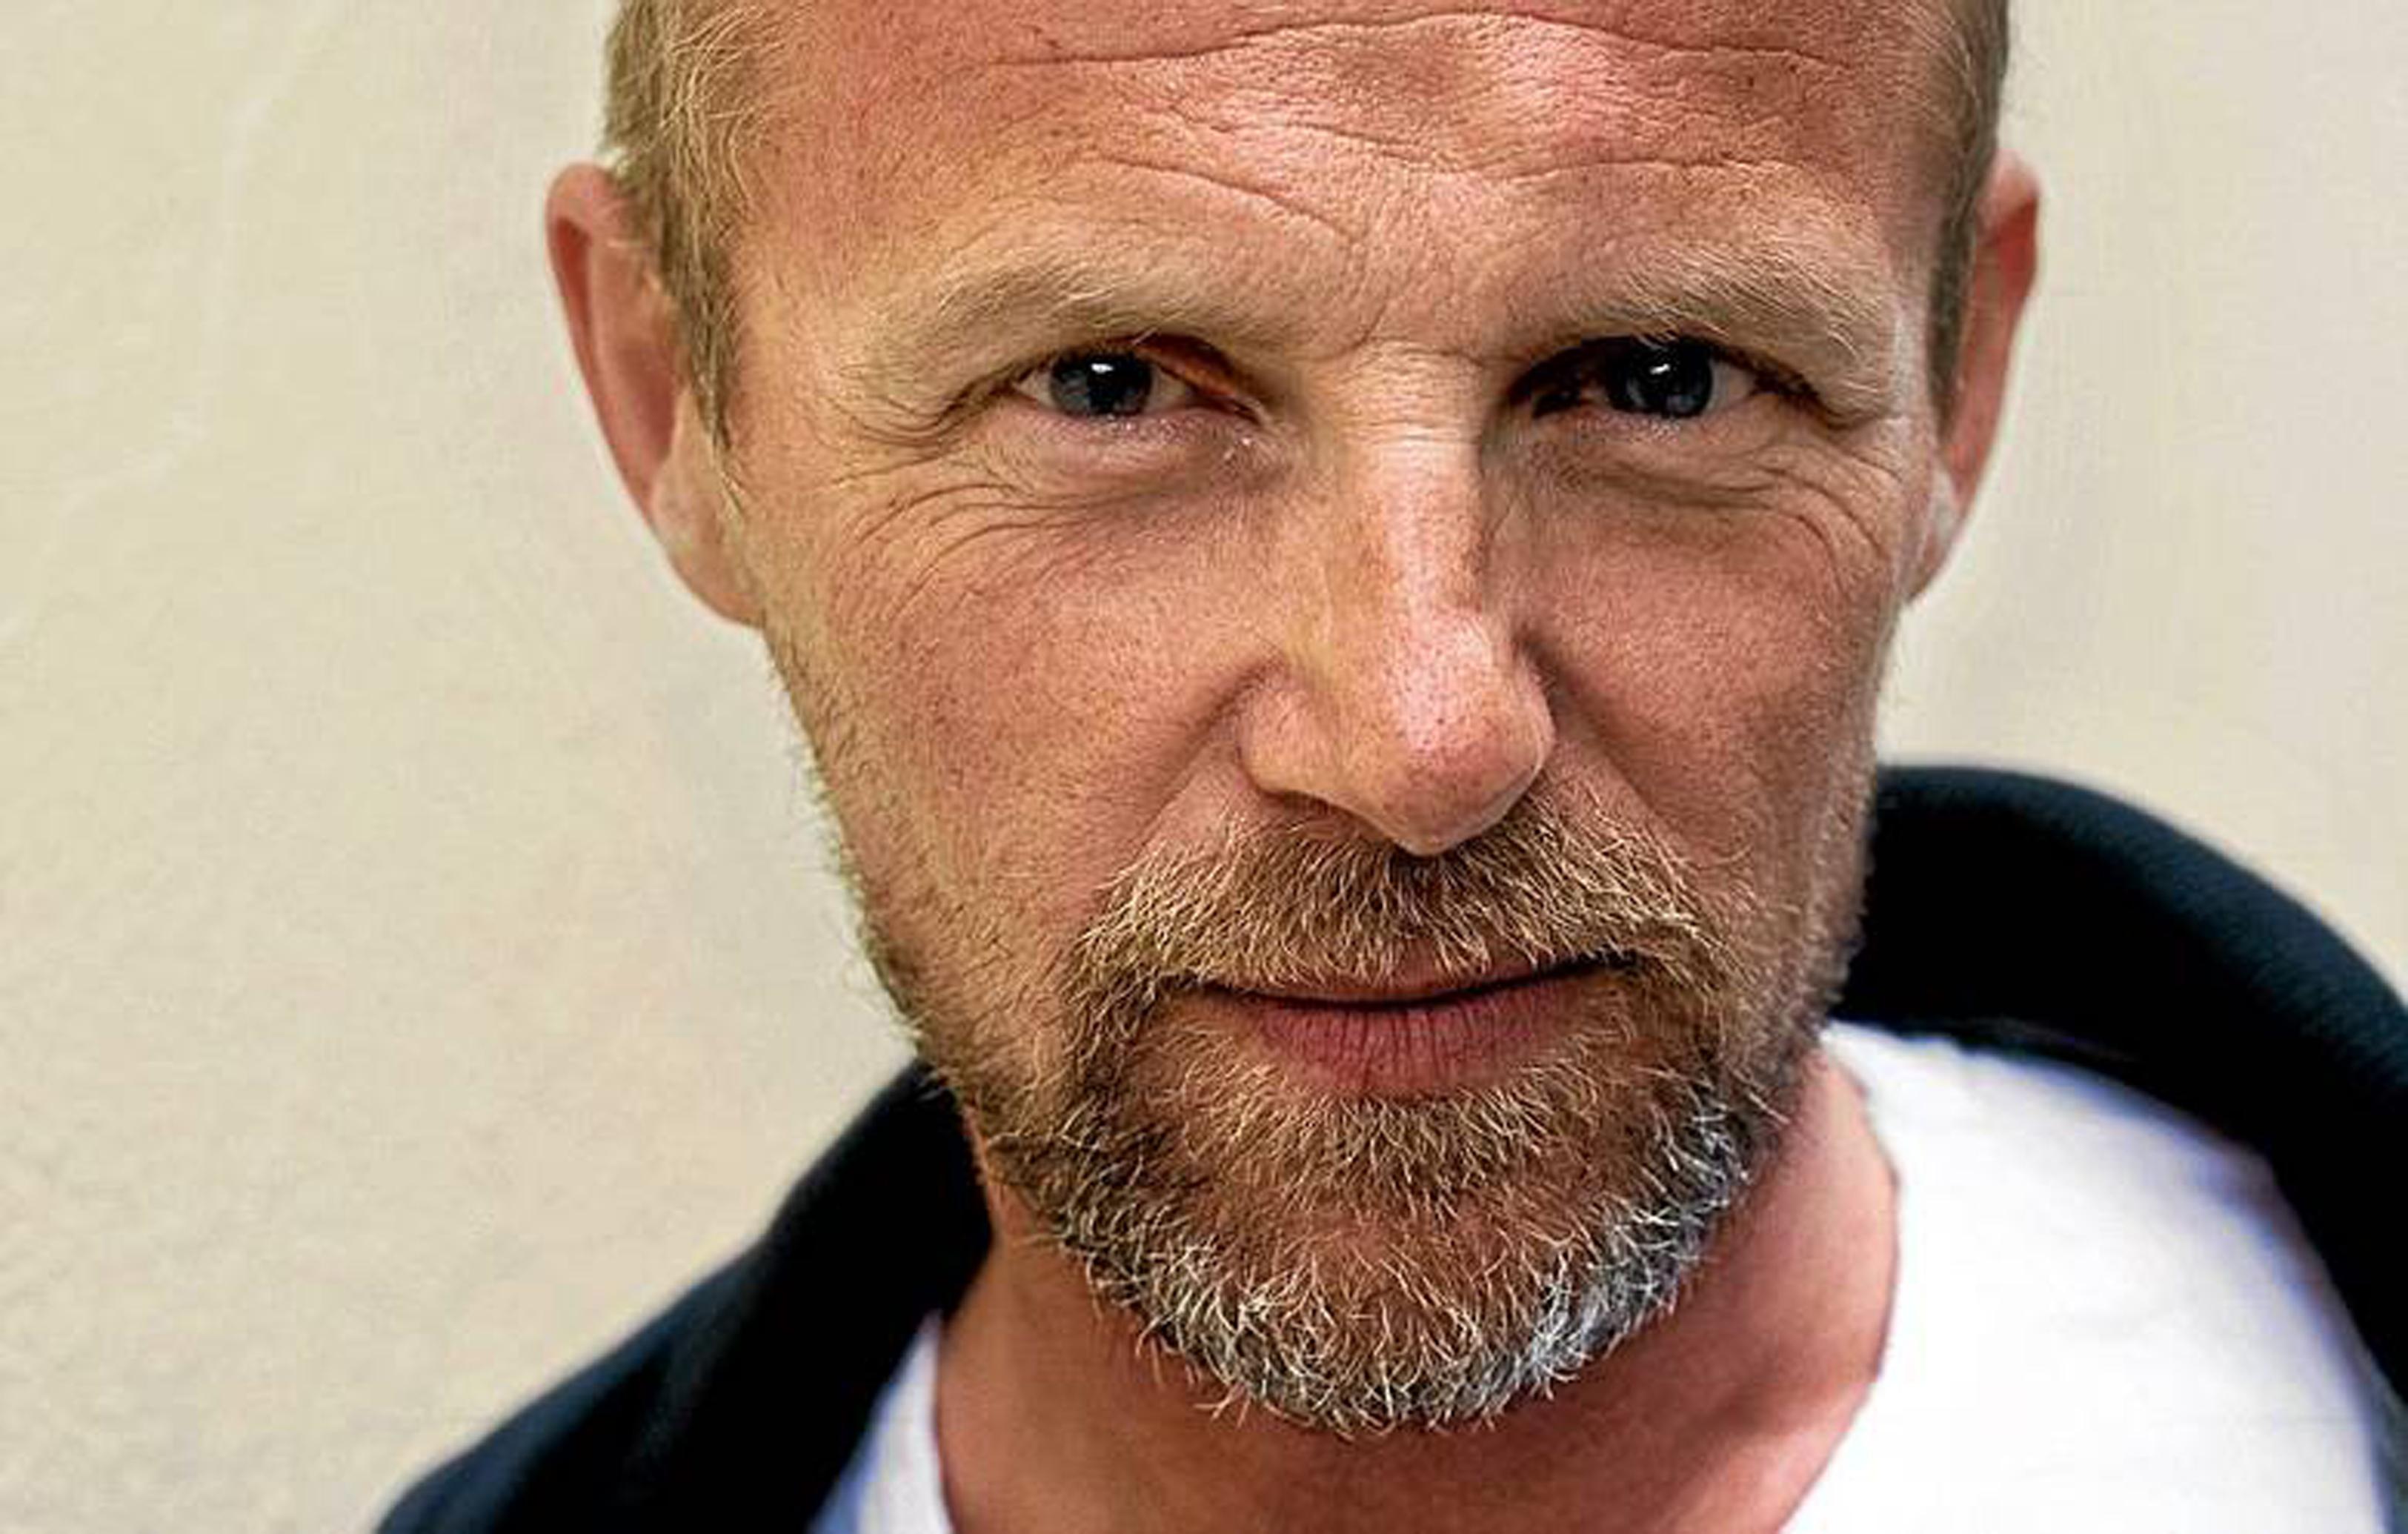 Ο Νορβηγός συγγραφέας αστυνομικής λογοτεχνίας, Jo Nesbo (Γιου Νέσμπε)